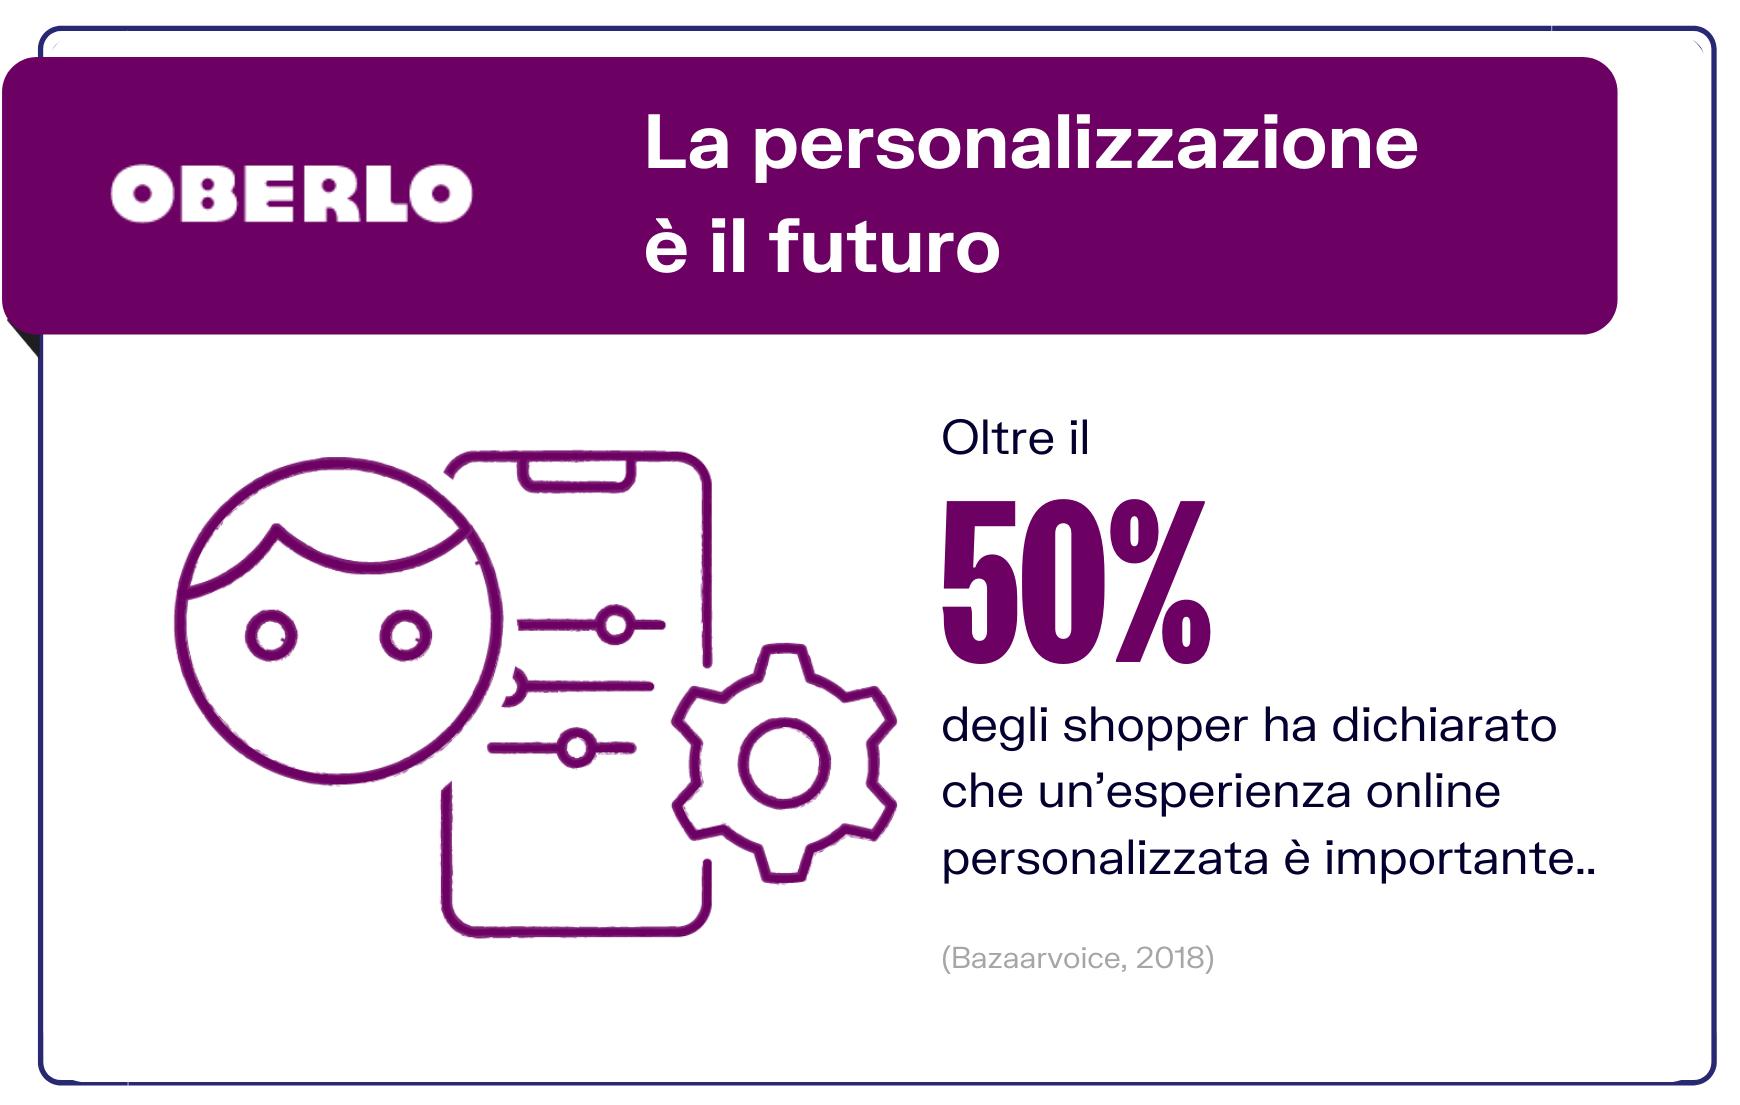 statistiche ecommerce personalizzazione